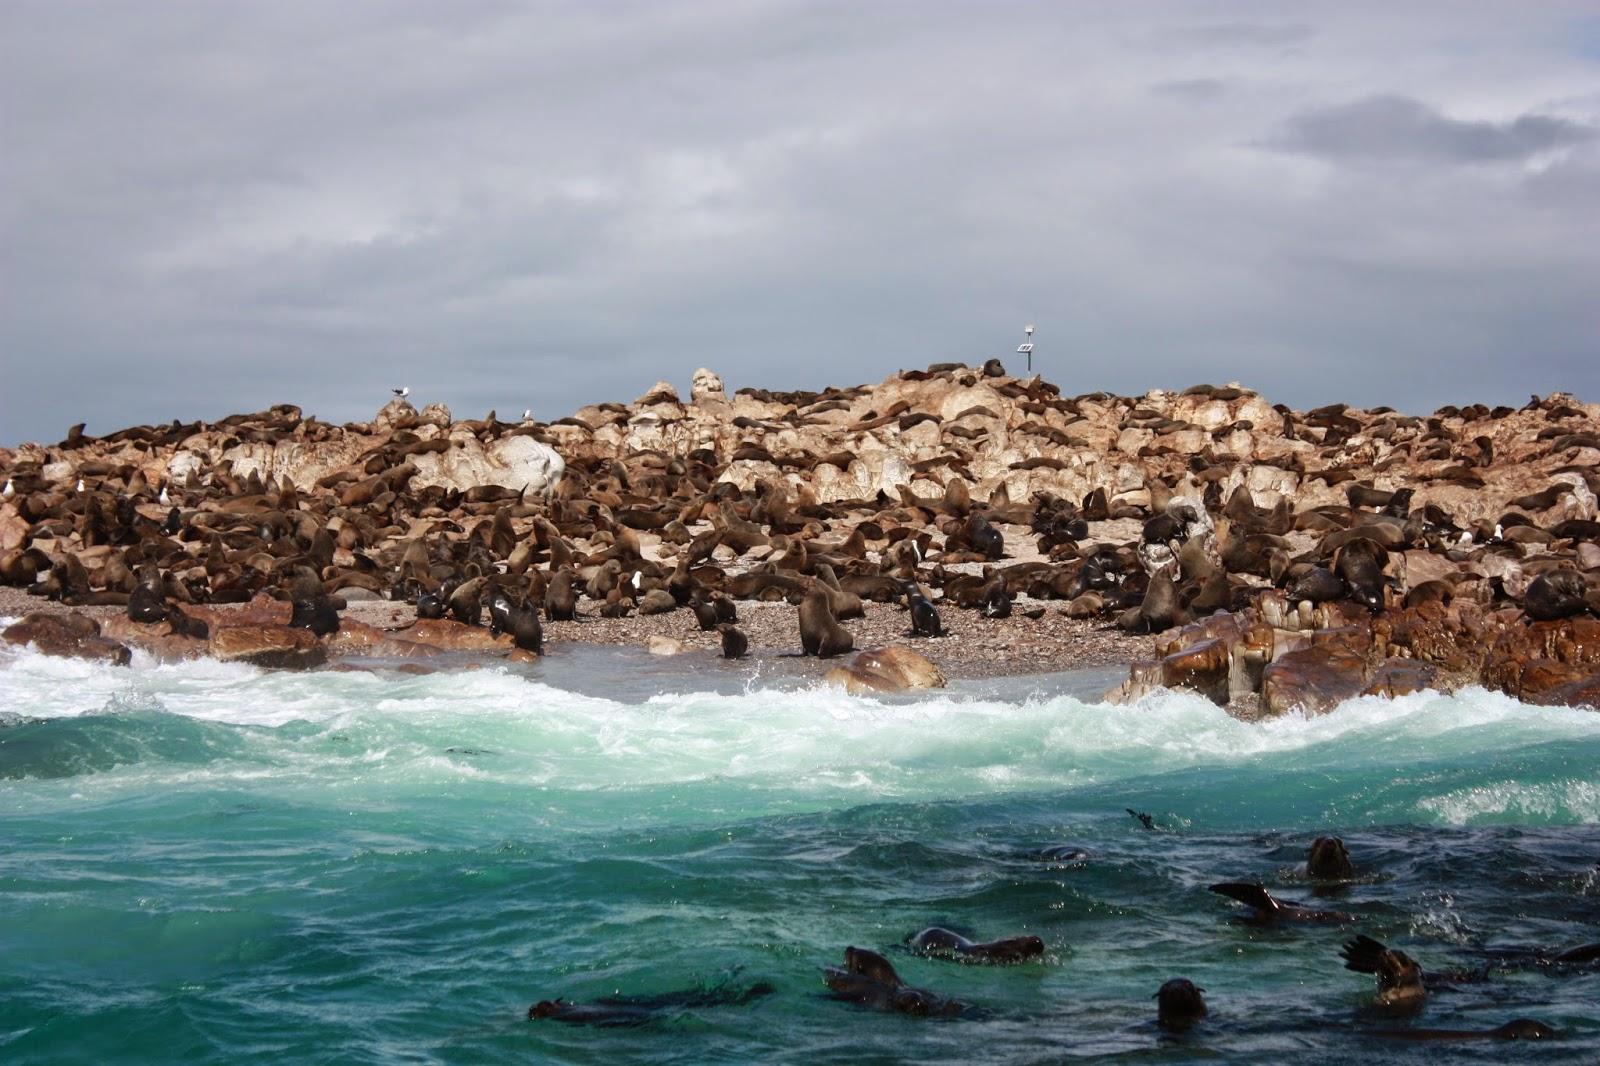 Zeehonden_op_een_eiland